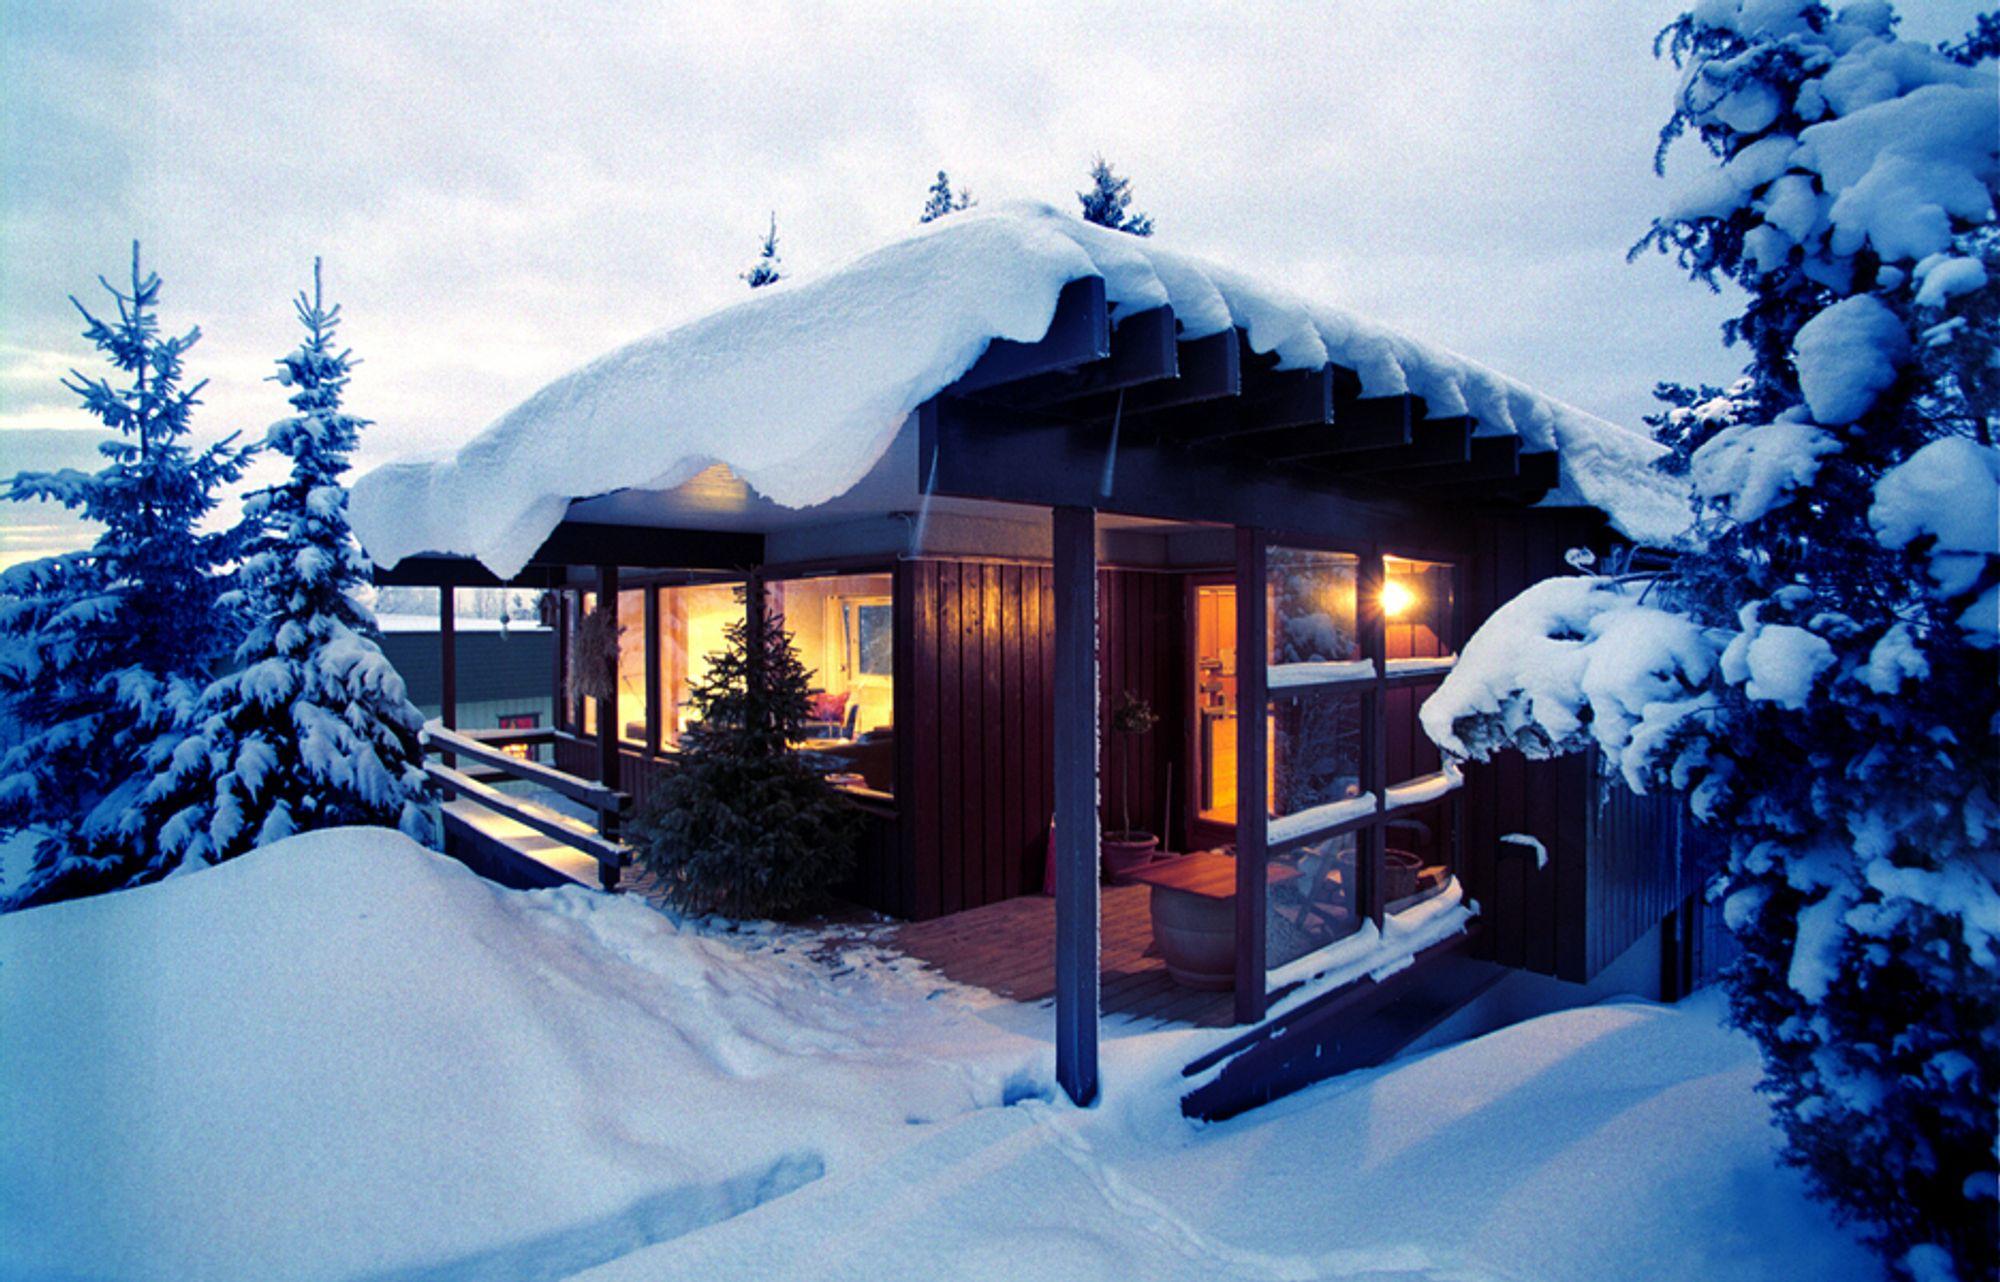 VINTERLUKSUS: Hytteeiere ønsker mer luksusliv når de er på fjellet i vinterferien, og sparer ikke på strømmen. Forbruket har økt med 30 prosent på fire år.